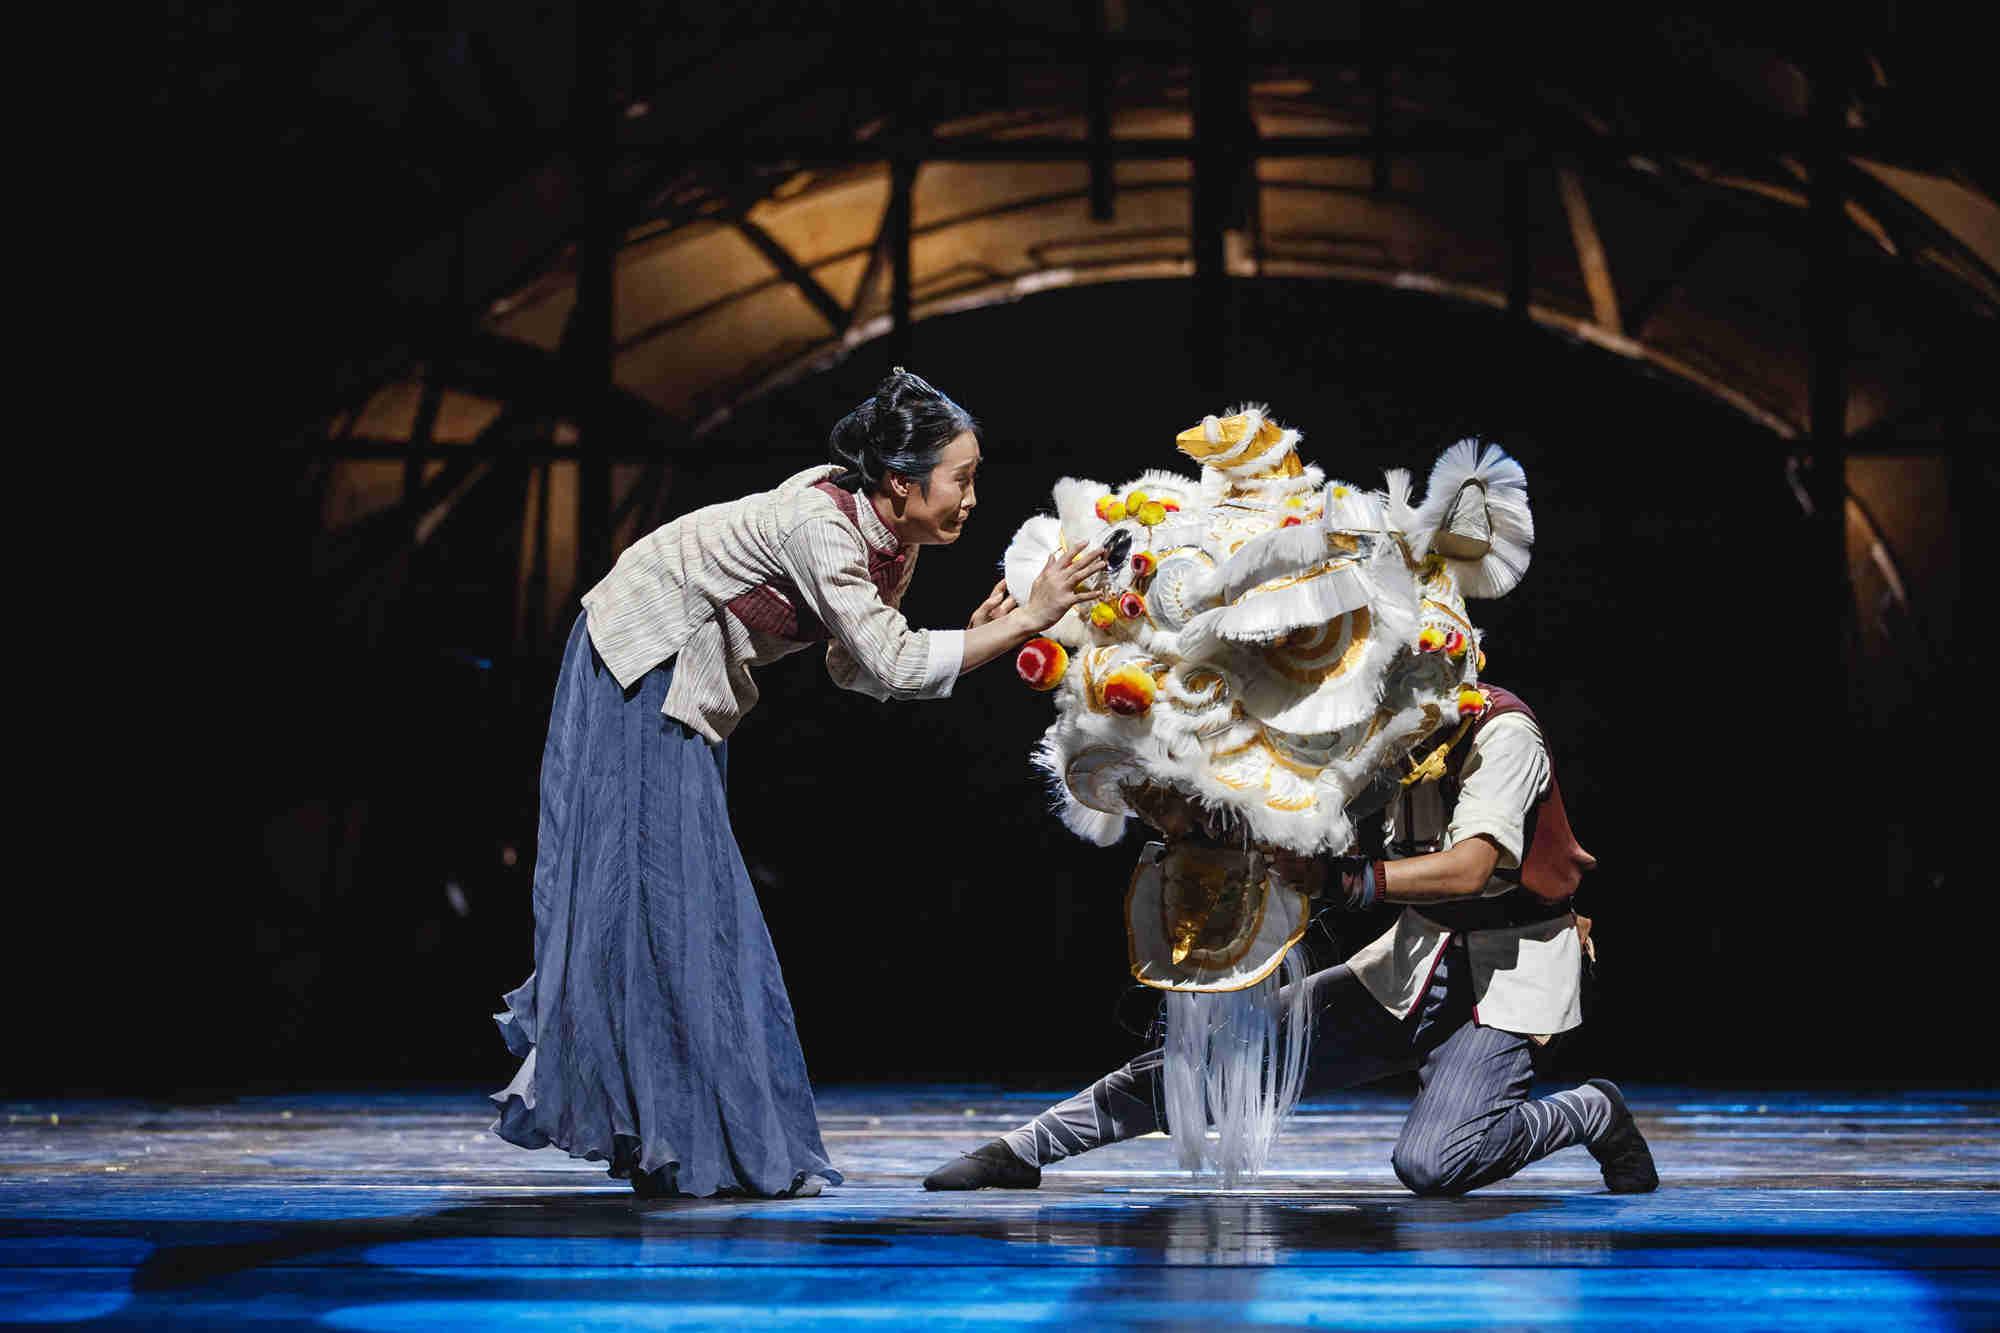 257 2019.04.18 广州歌舞剧院 大型民族舞剧《醒·狮》 摄影@舞蹈中国-刘海栋_副本.jpg